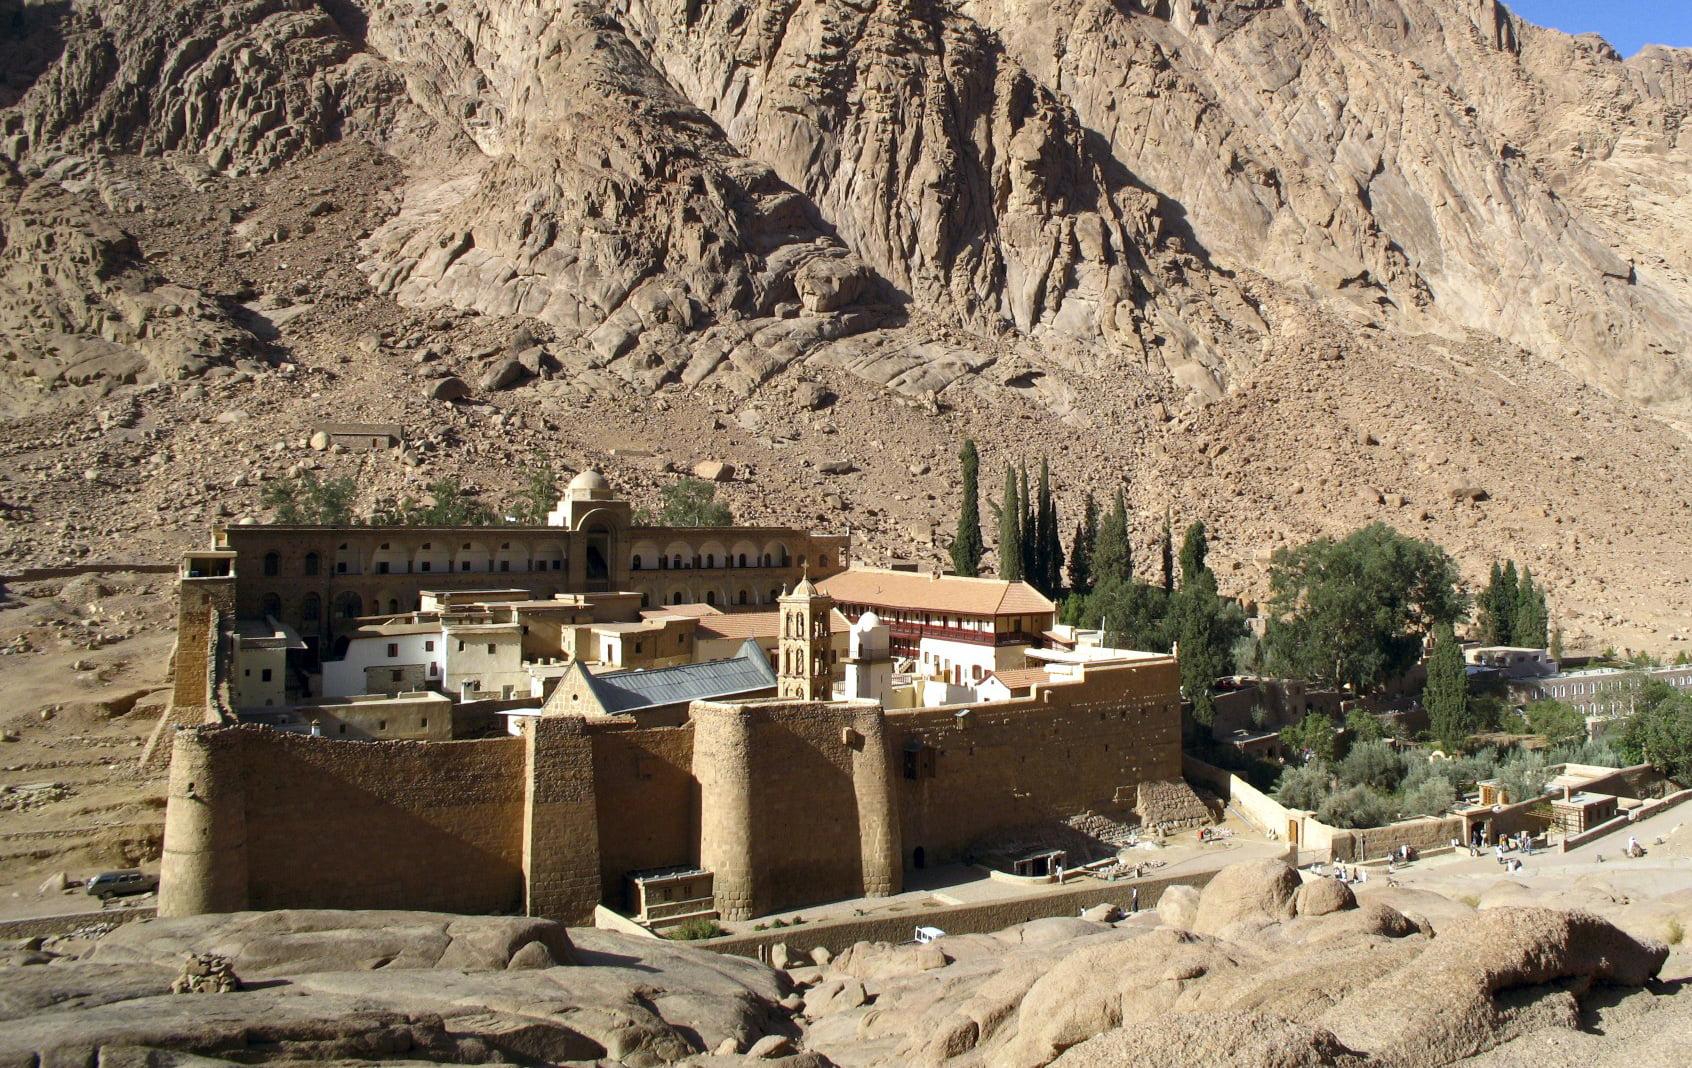 Μεγάλος κίνδυνος για τον μοναστήρι της Αγίας Αικατερίνης  του Σινά